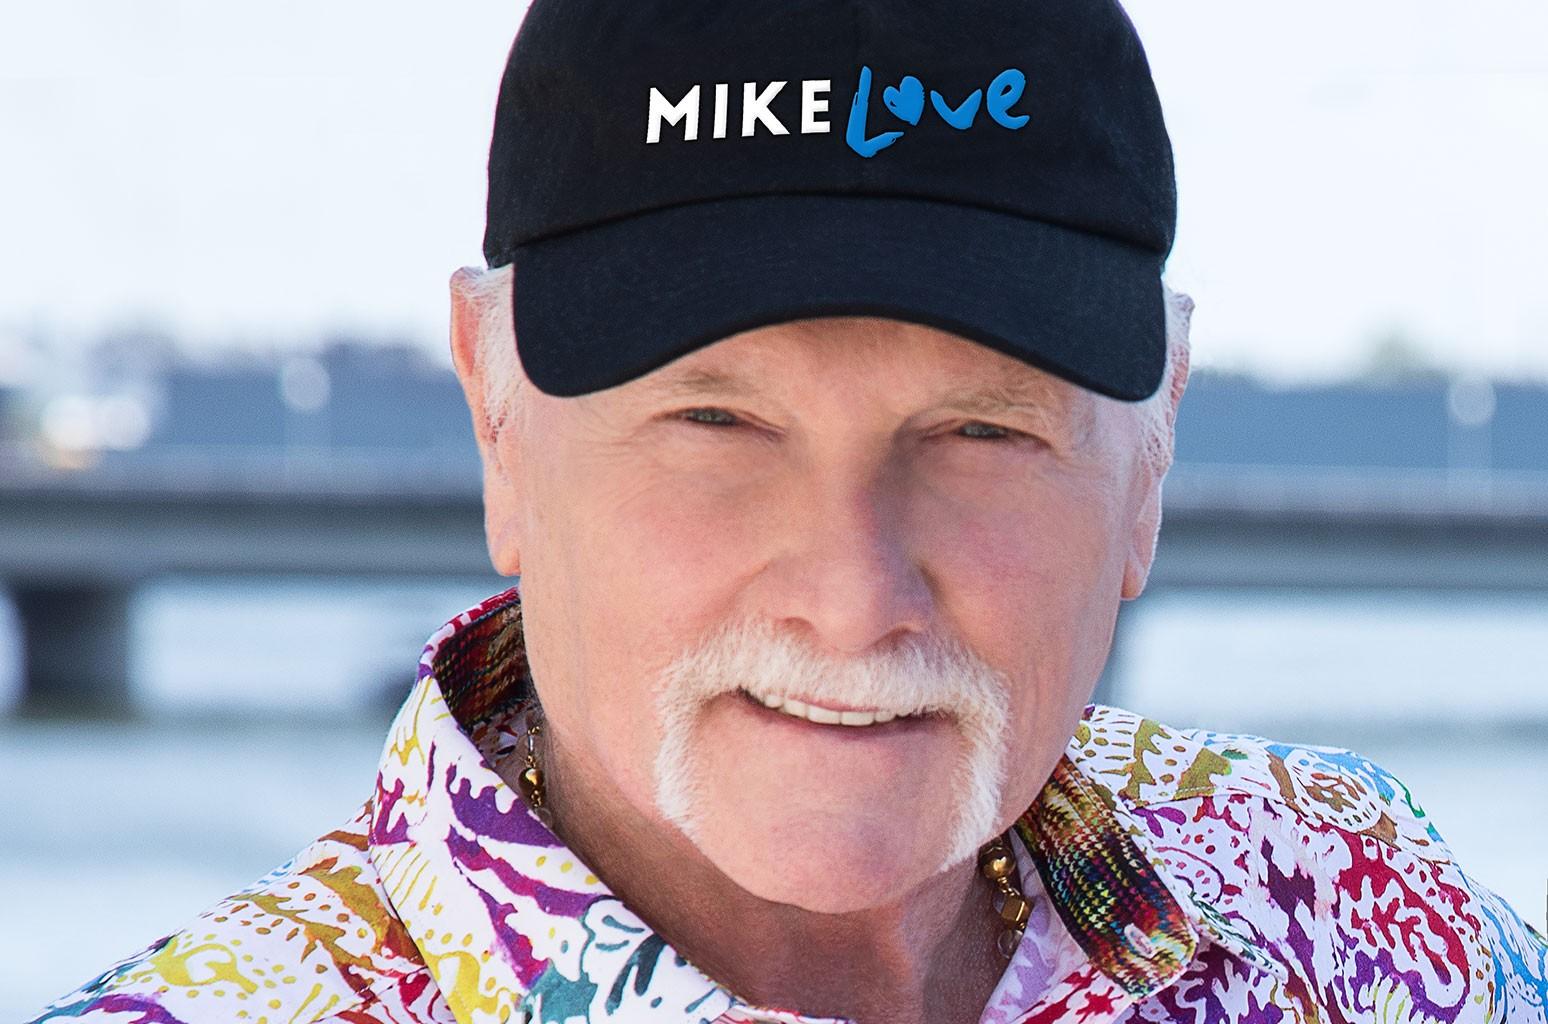 Mike Love of The Beach Boys